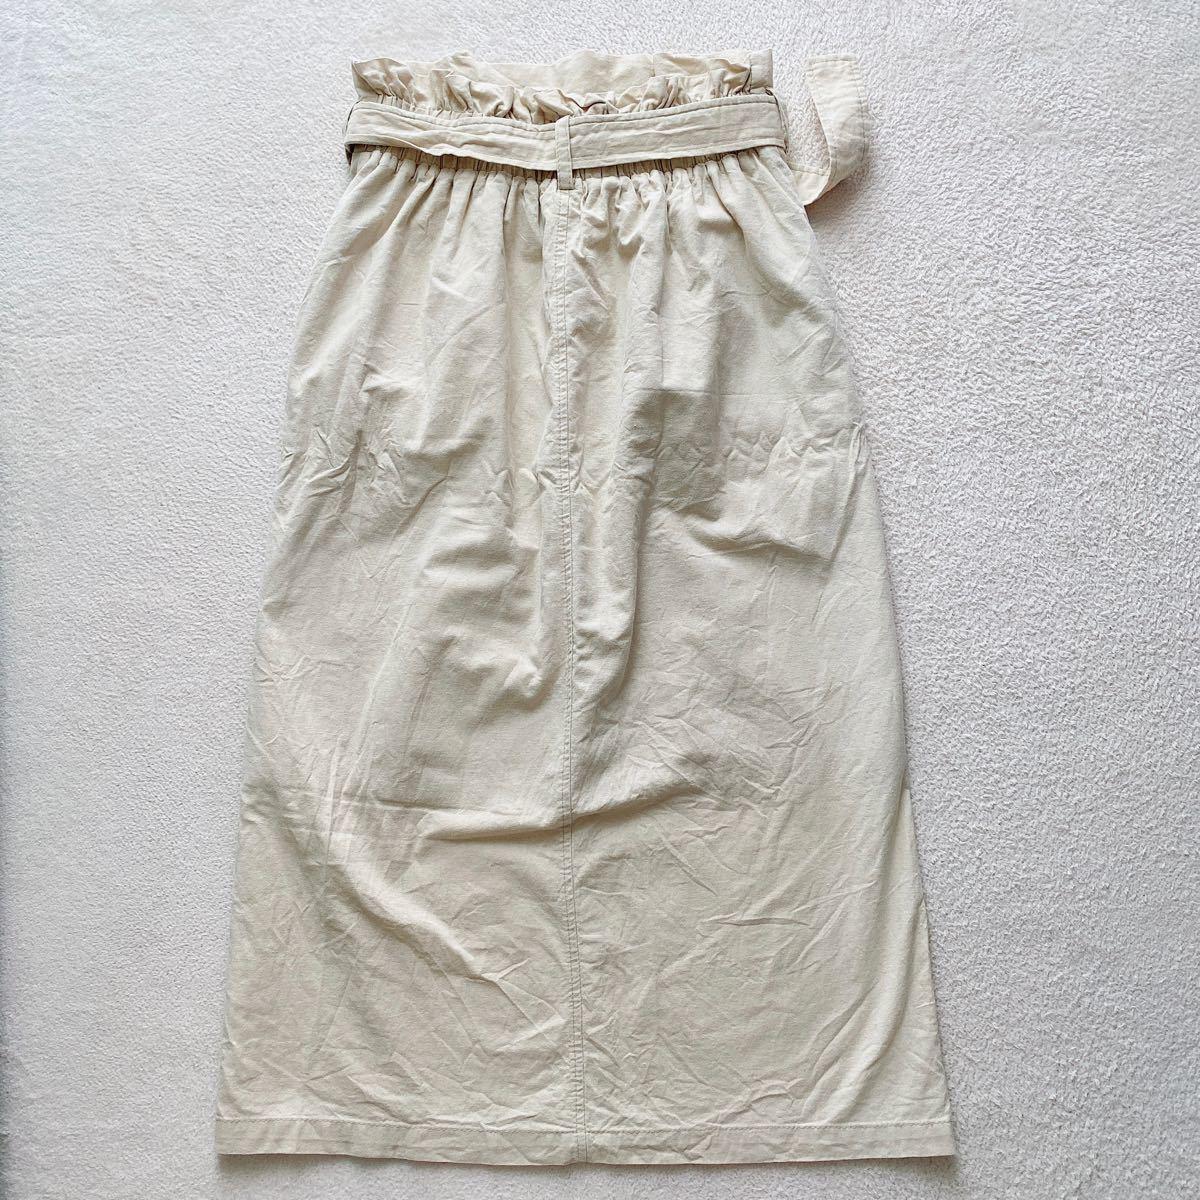 ロングスカート タイトスカート ボーダーTシャツ Vネック